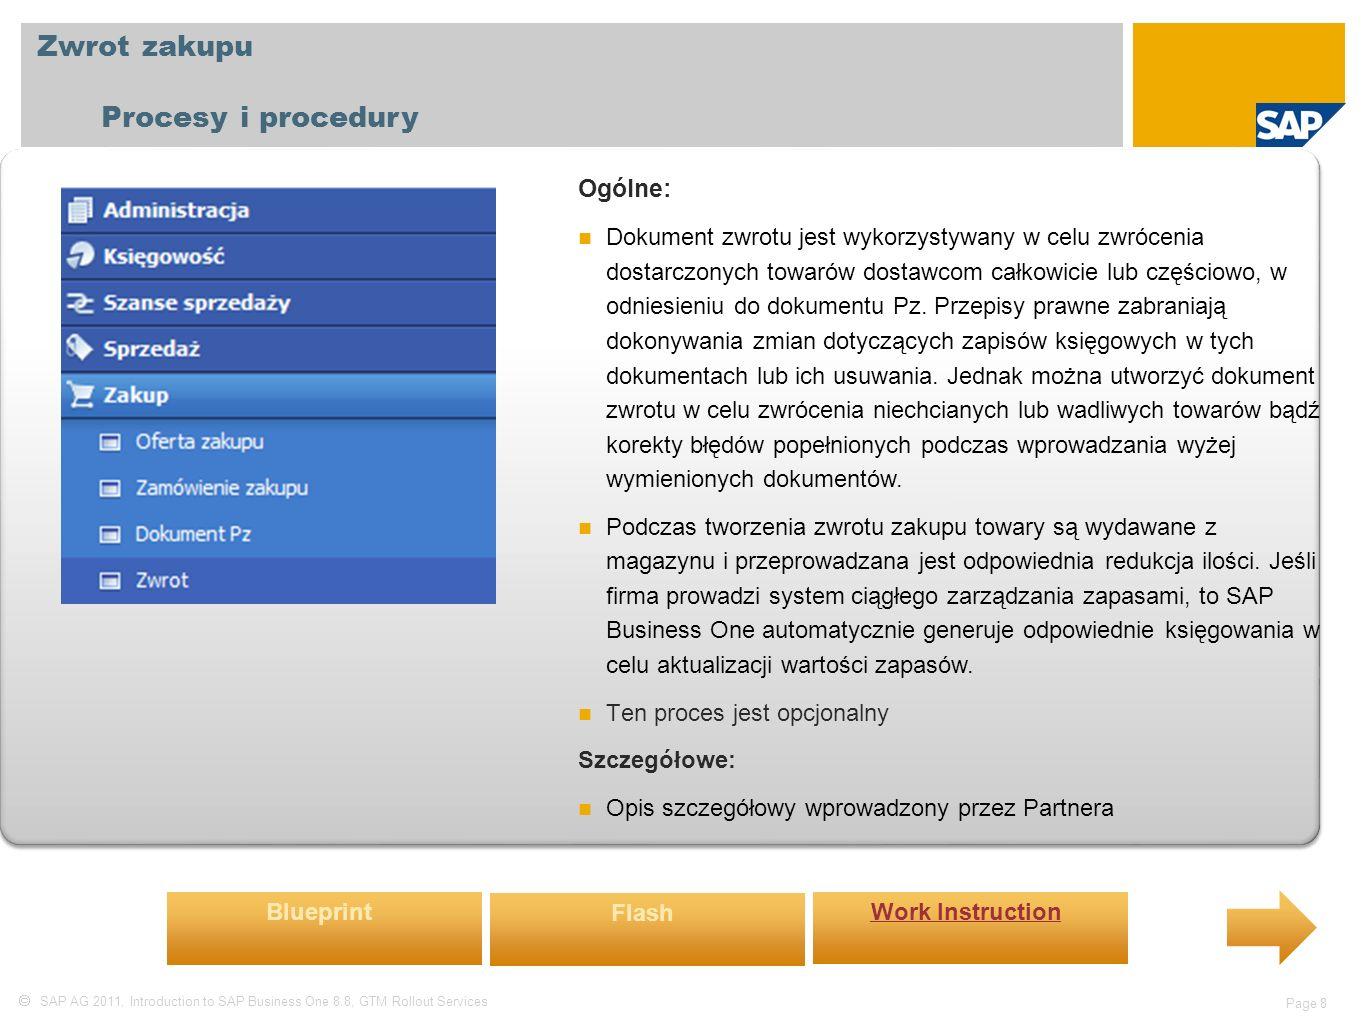  SAP AG 2011, Introduction to SAP Business One 8.8, GTM Rollout Services Page 8 Zwrot zakupu Procesy i procedury Ogólne: Dokument zwrotu jest wykorzy